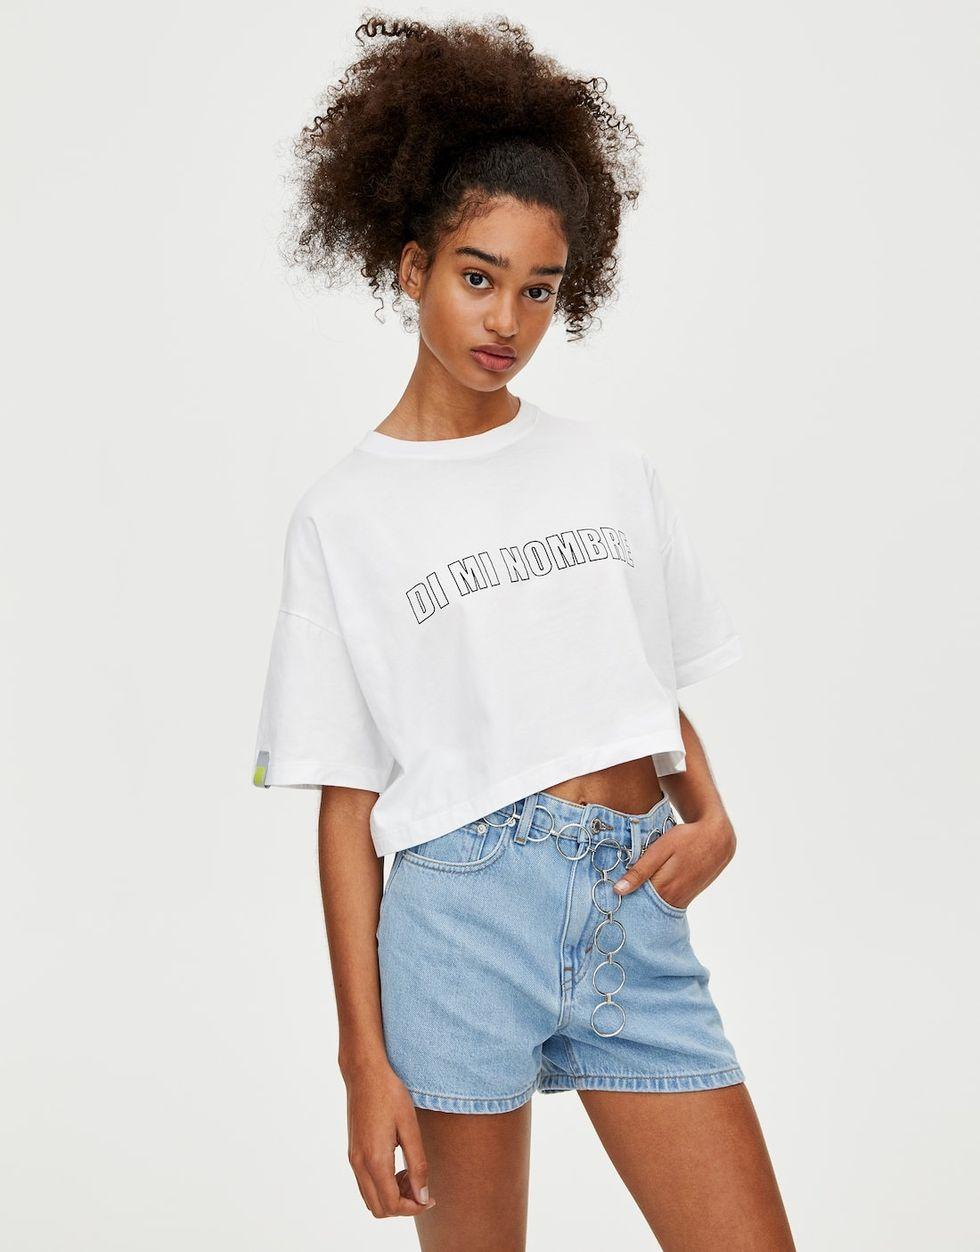 camisetas viralizar look instagram_DIMINOMBRE